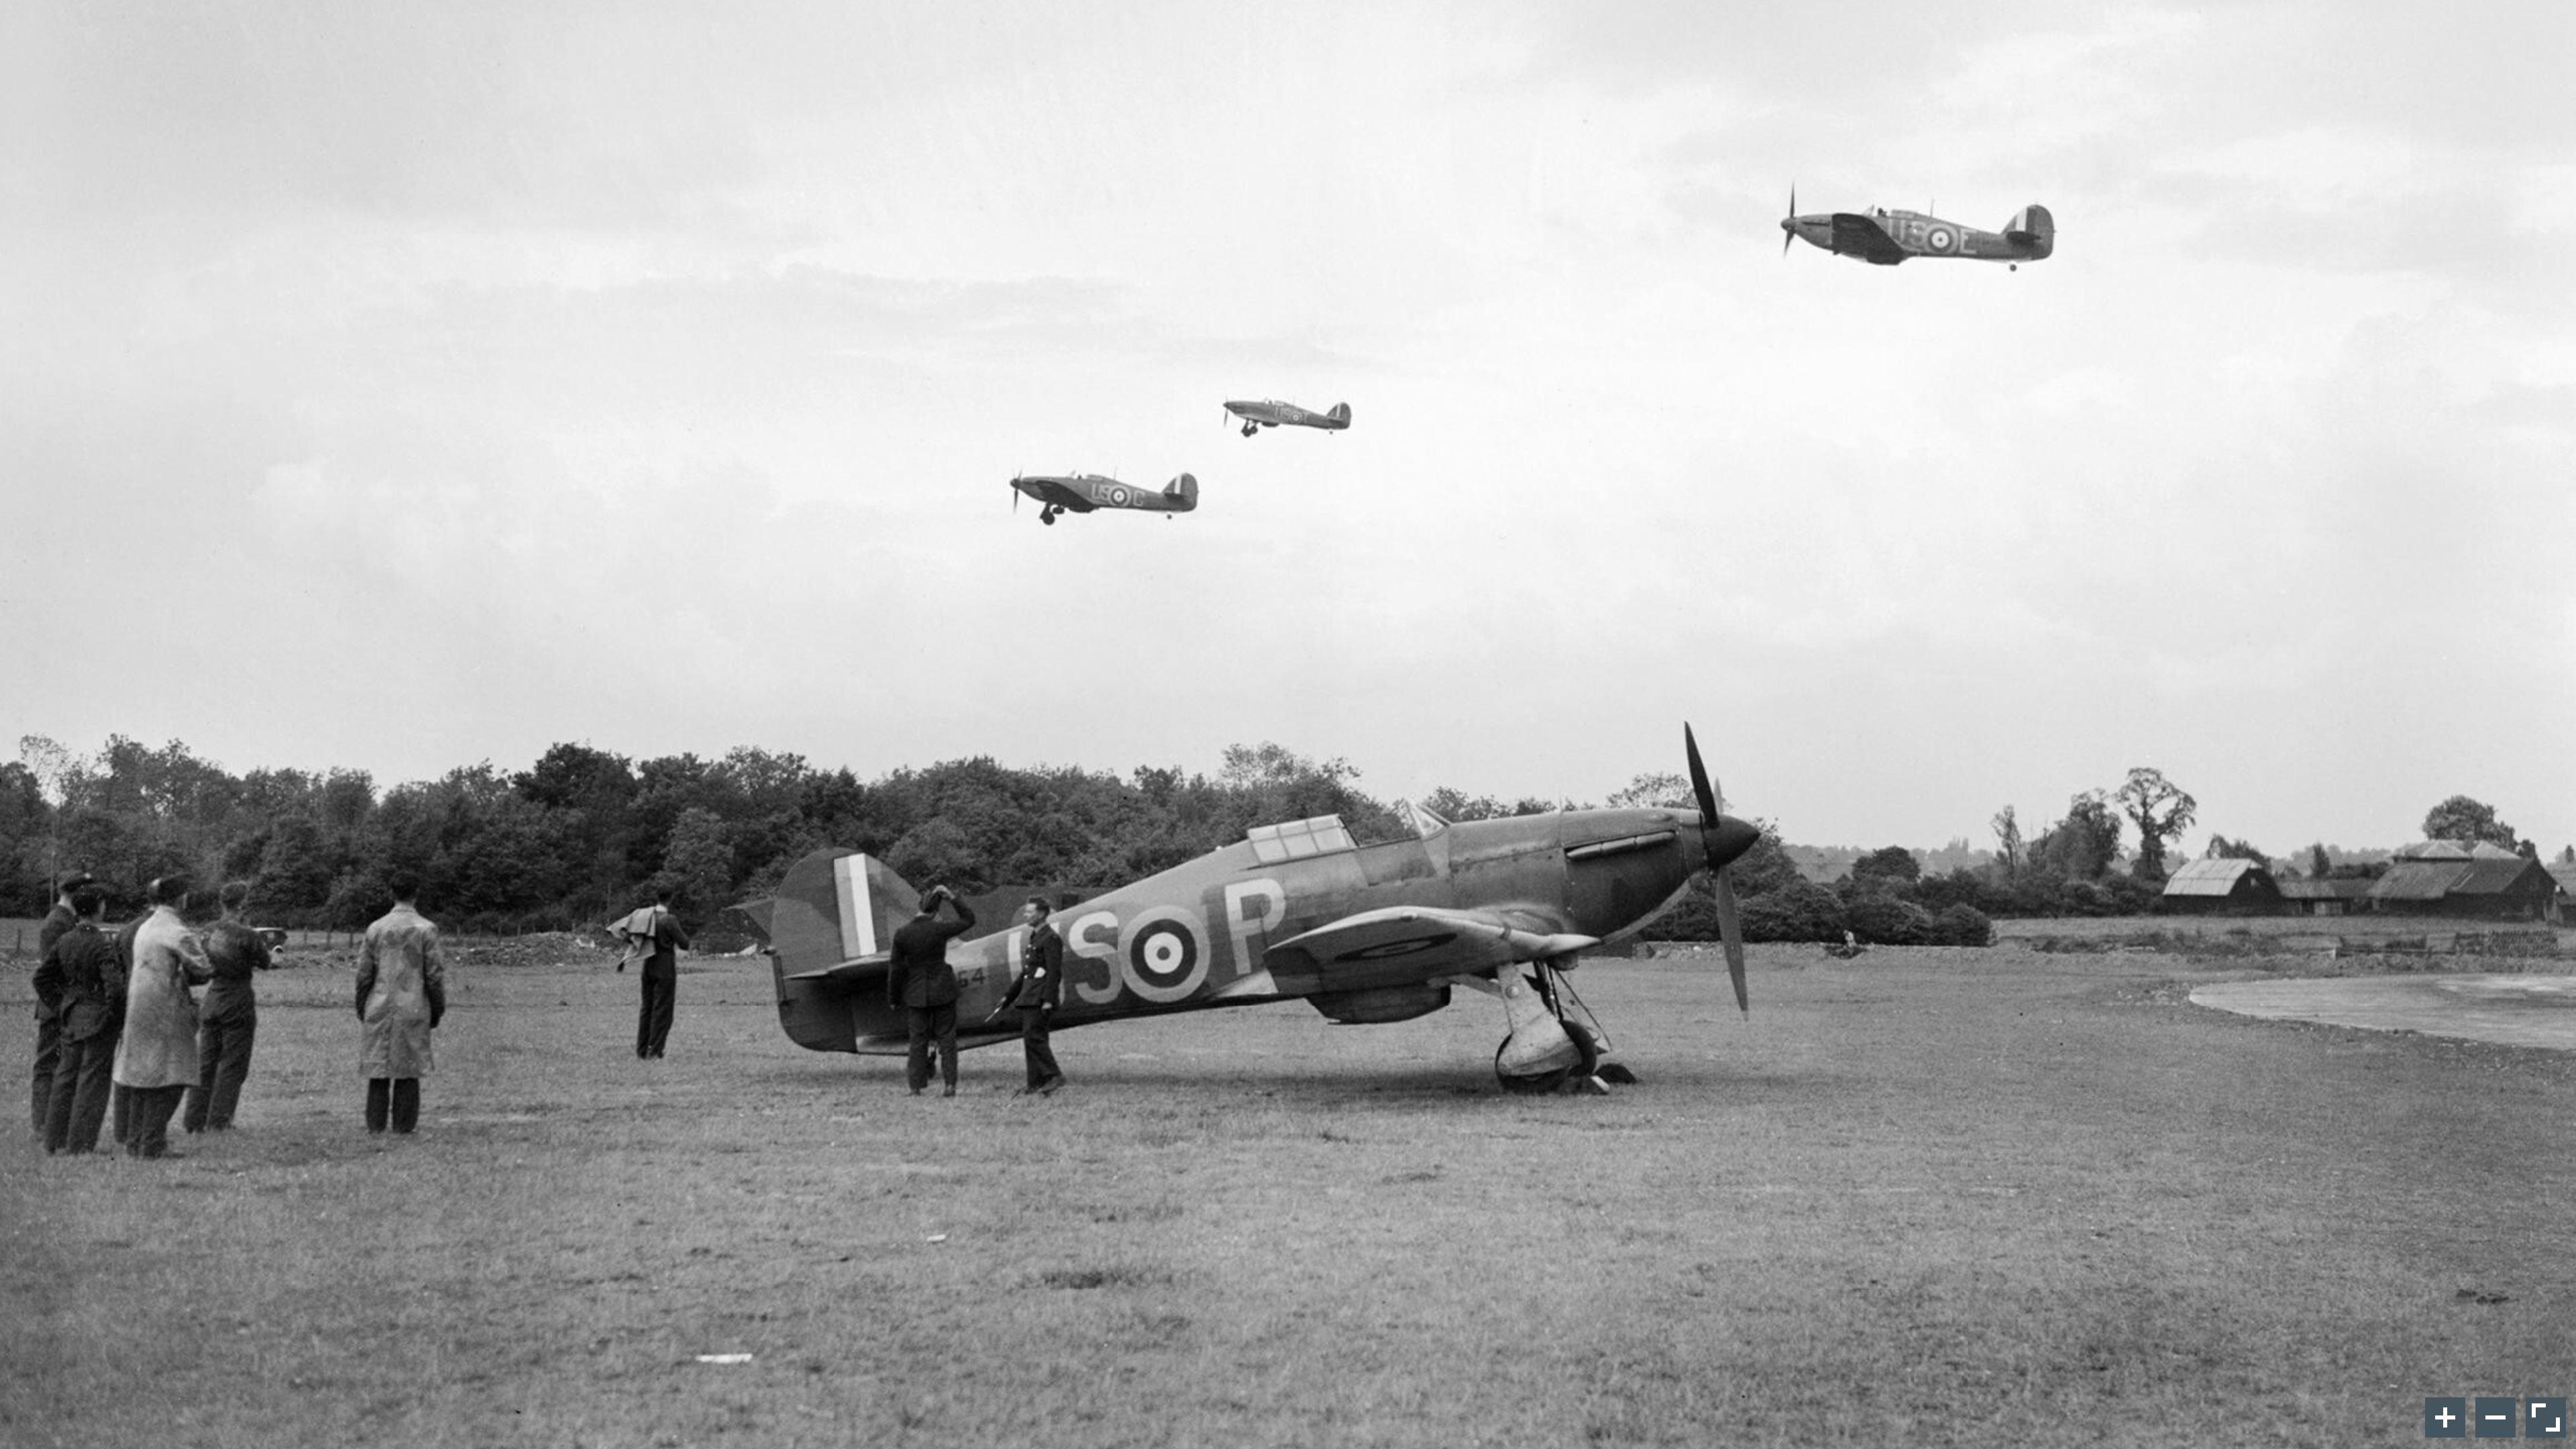 Hurricane I RAF 56Sqn USP BP2764 based at North Weald Essex IWM CH158a